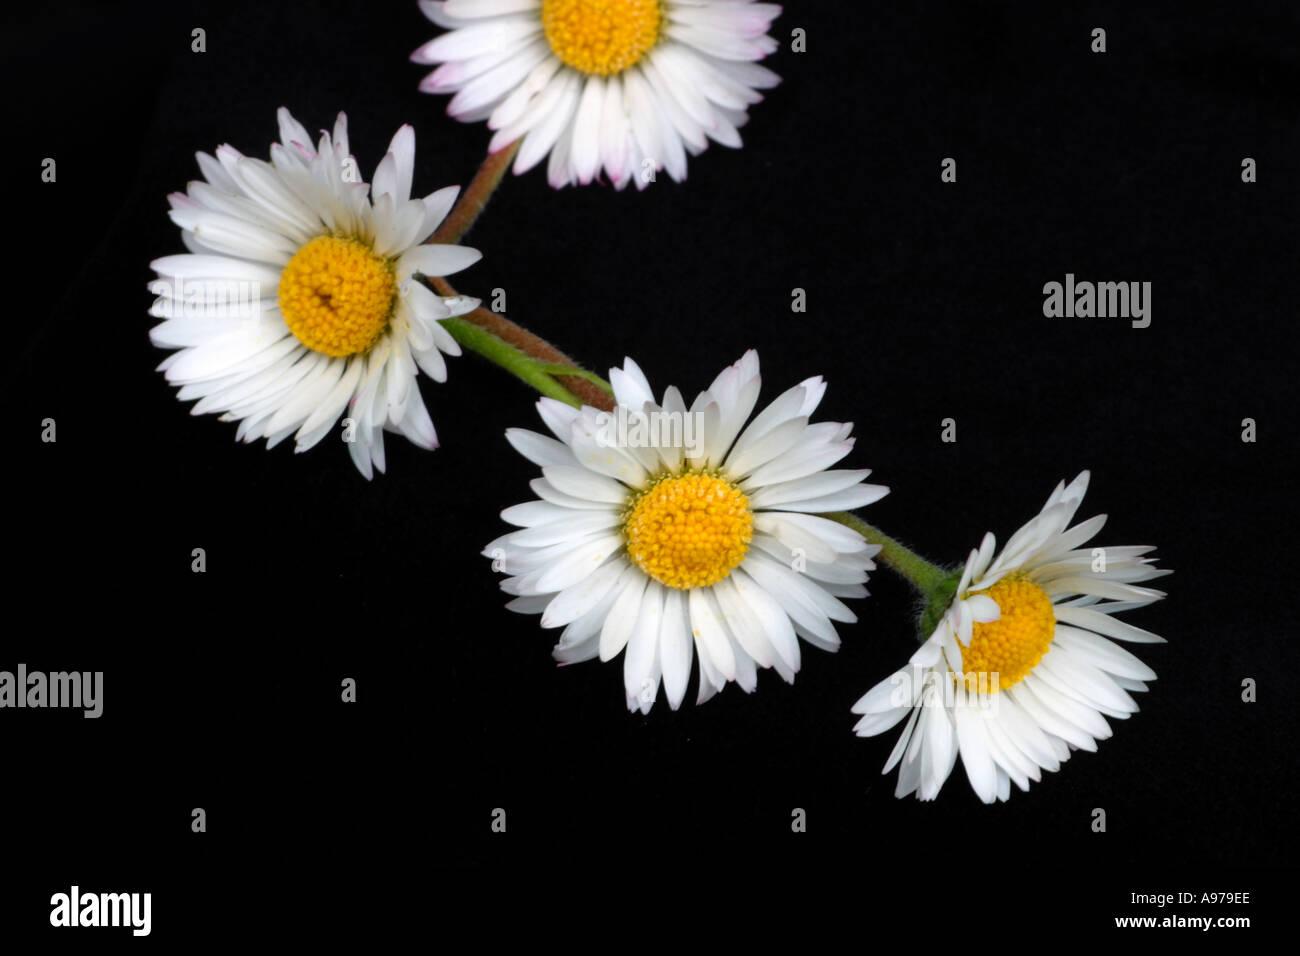 Daisy flores en una sola cadena, para convertirlos en una pulsera, collar o corona floral Foto de stock